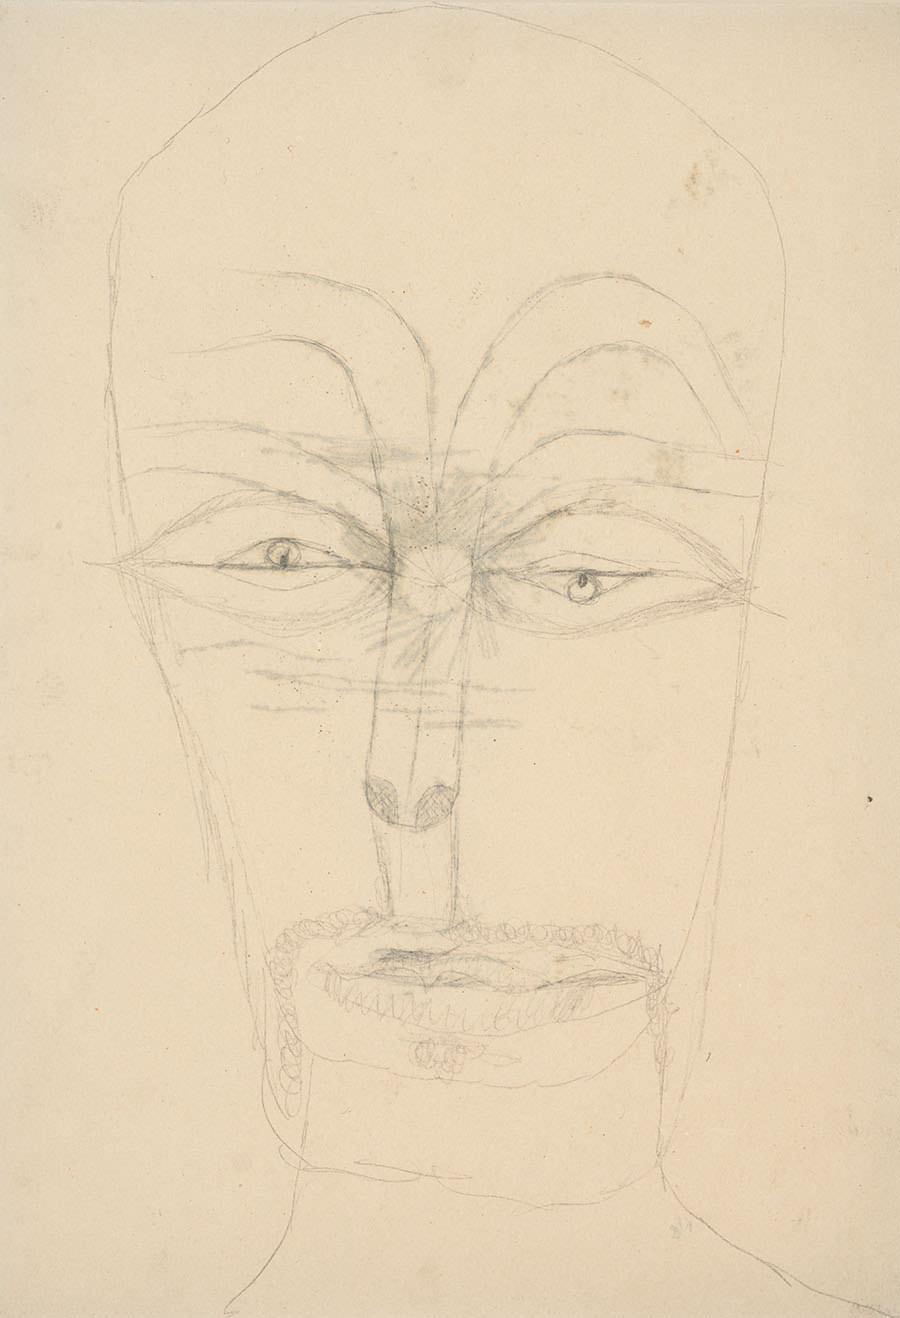 Abb. 10 Paul Klee   Ohne Titel  (Rückseite von Mister Sol), 1919, Bleistift auf Papier, 27,2 x 19,6 cm, Privatbesitz ©Zentrum Paul Klee, Bern, Archiv